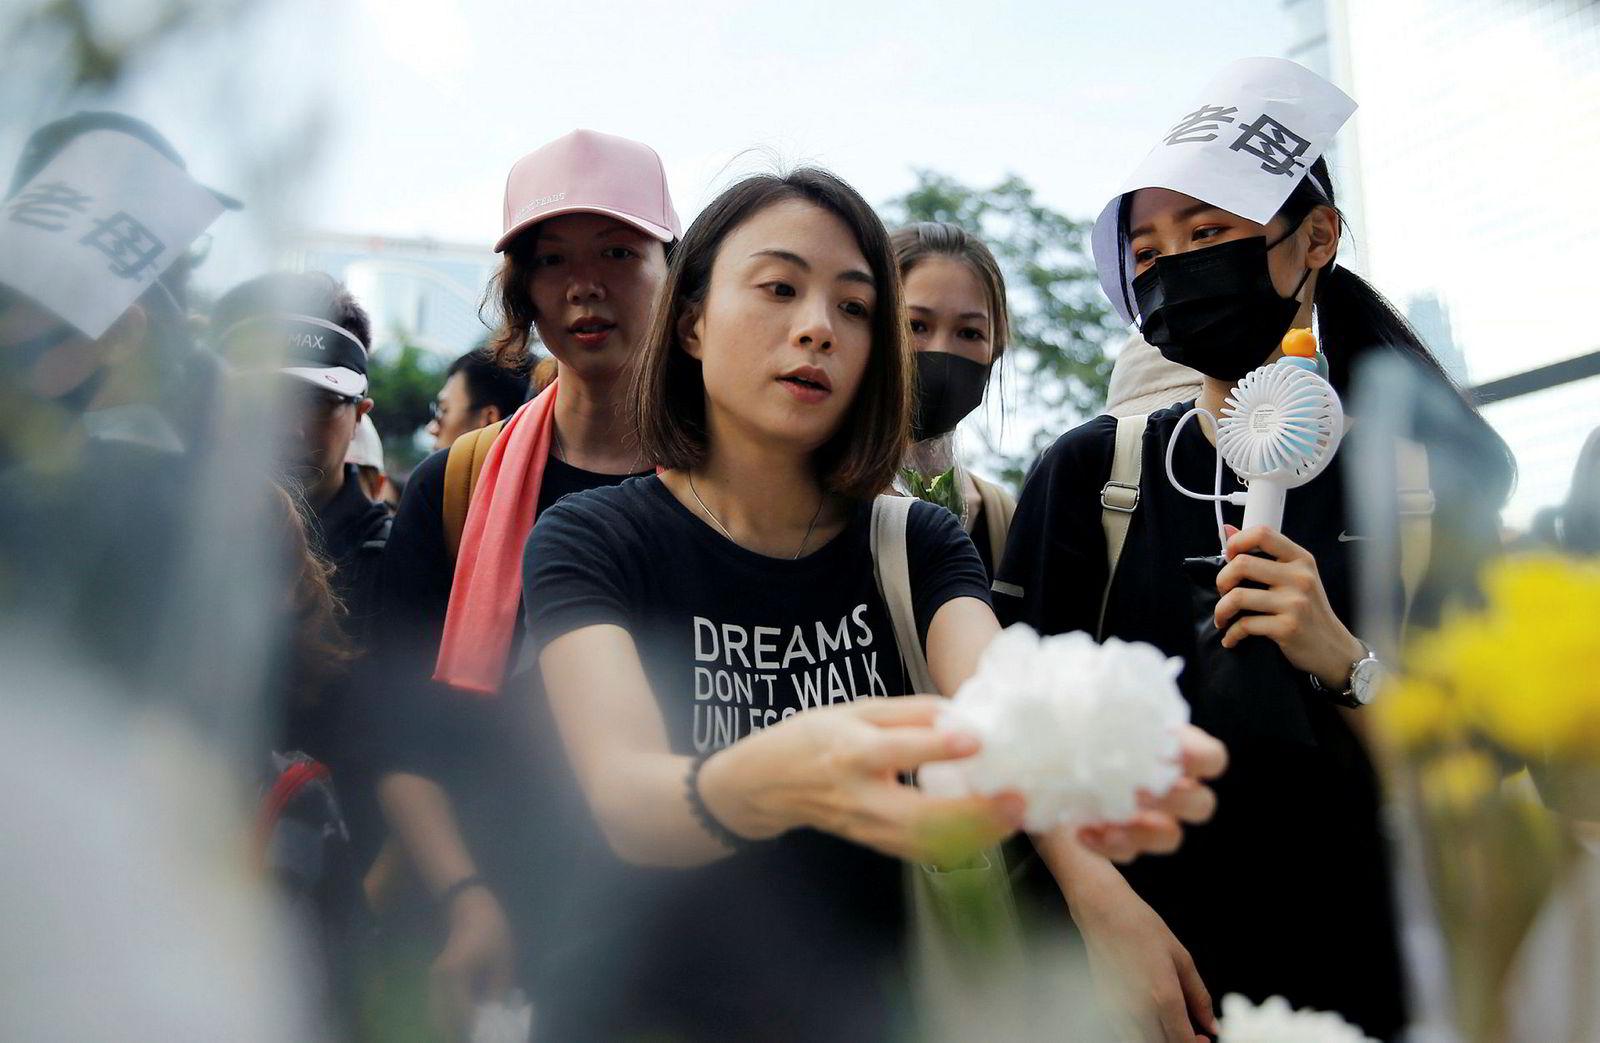 Demonstranter i Hongkong markerte søndag med en seremoni at siste ukes protester har kostet menneskeliv. Én av deres venner døde etter at han sist onsdag falt ned fra et stillas under voldelige demonstrasjoner i byen. Mange av protestene søndag var rettet mot politiets harde linje overfor demonstrantene.